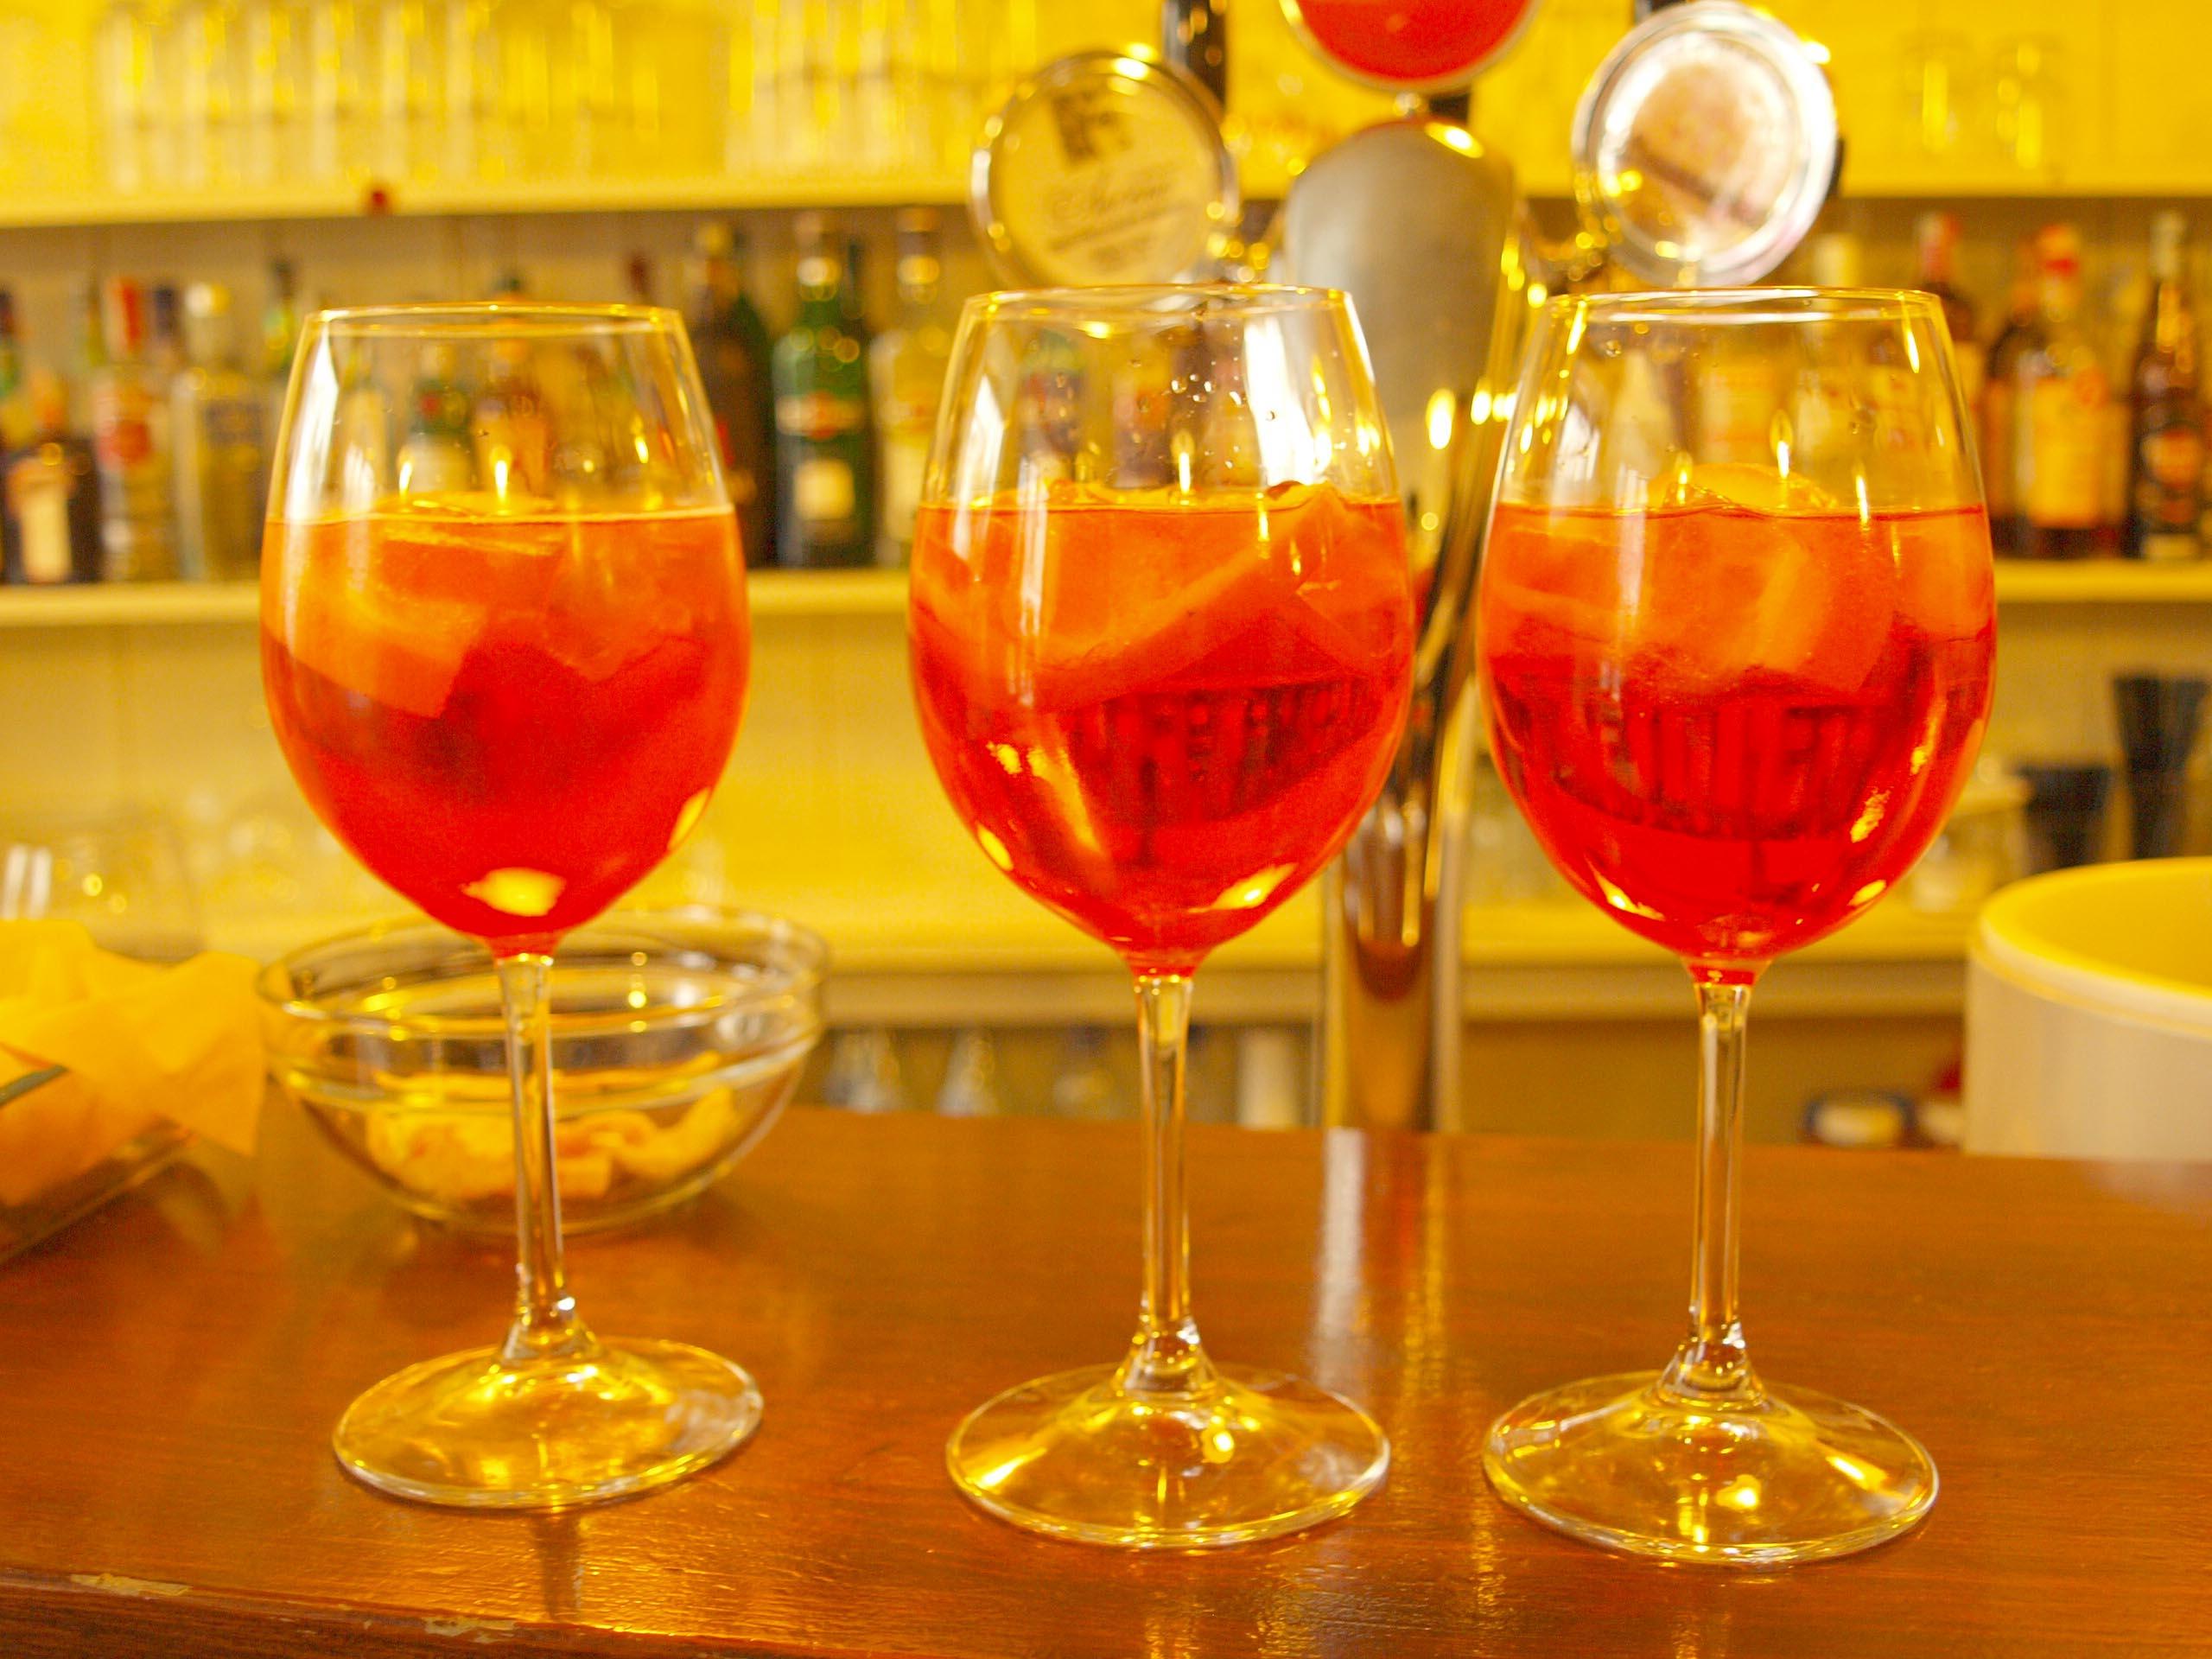 ヴェネト州で夢中になるのはオレンジ色のこれ!!_c0179785_15123789.jpg